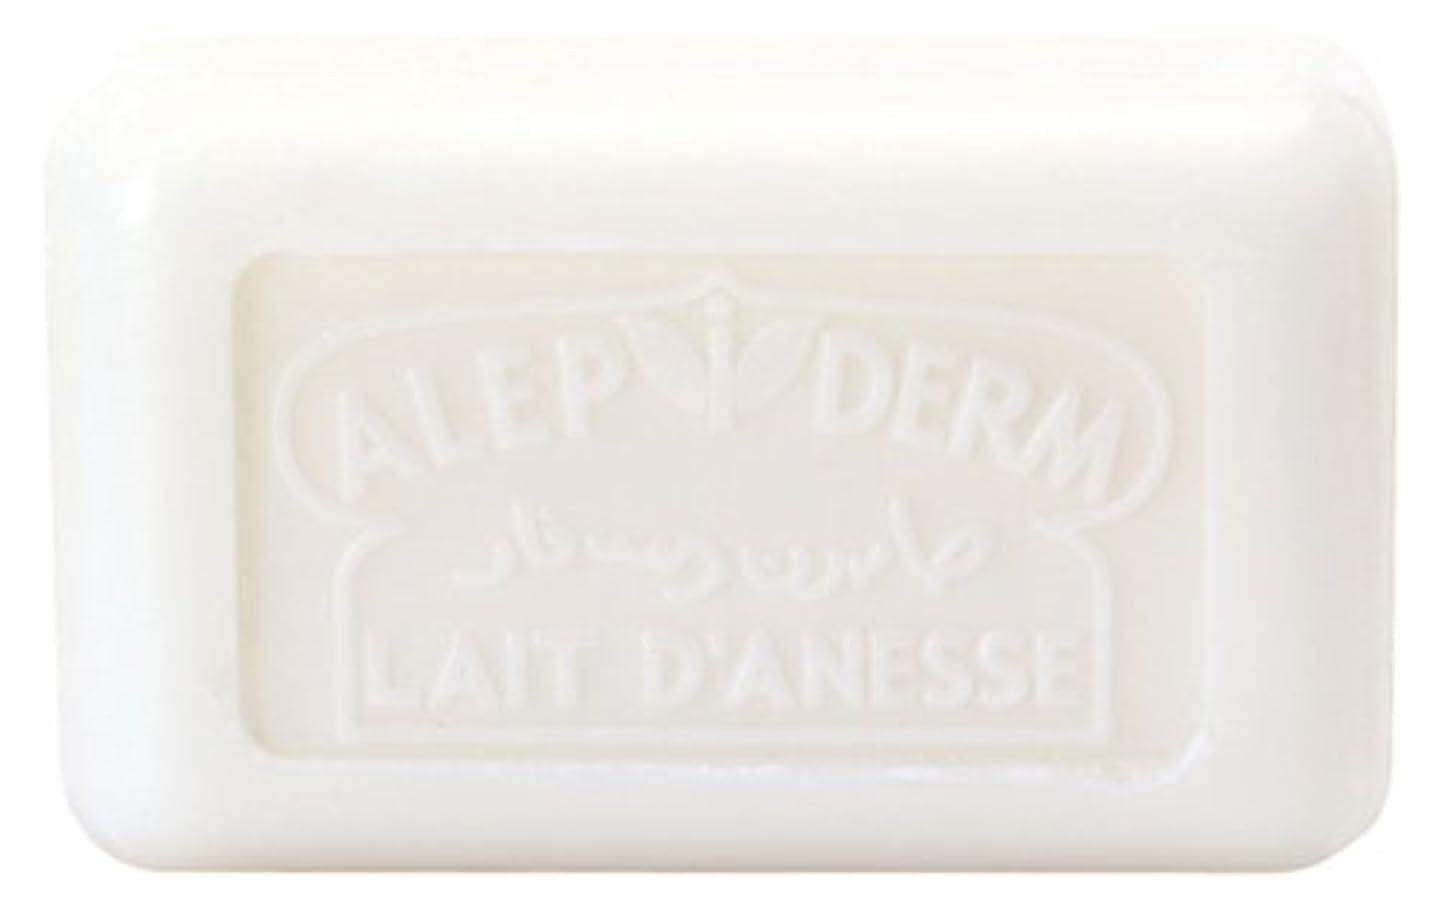 悲観的事務所切断するノルコーポレーション プロヴァンス アレピダーム 洗顔石鹸 ロバミルク アルガンオイル シアバター配合 OB-PVP-4-1